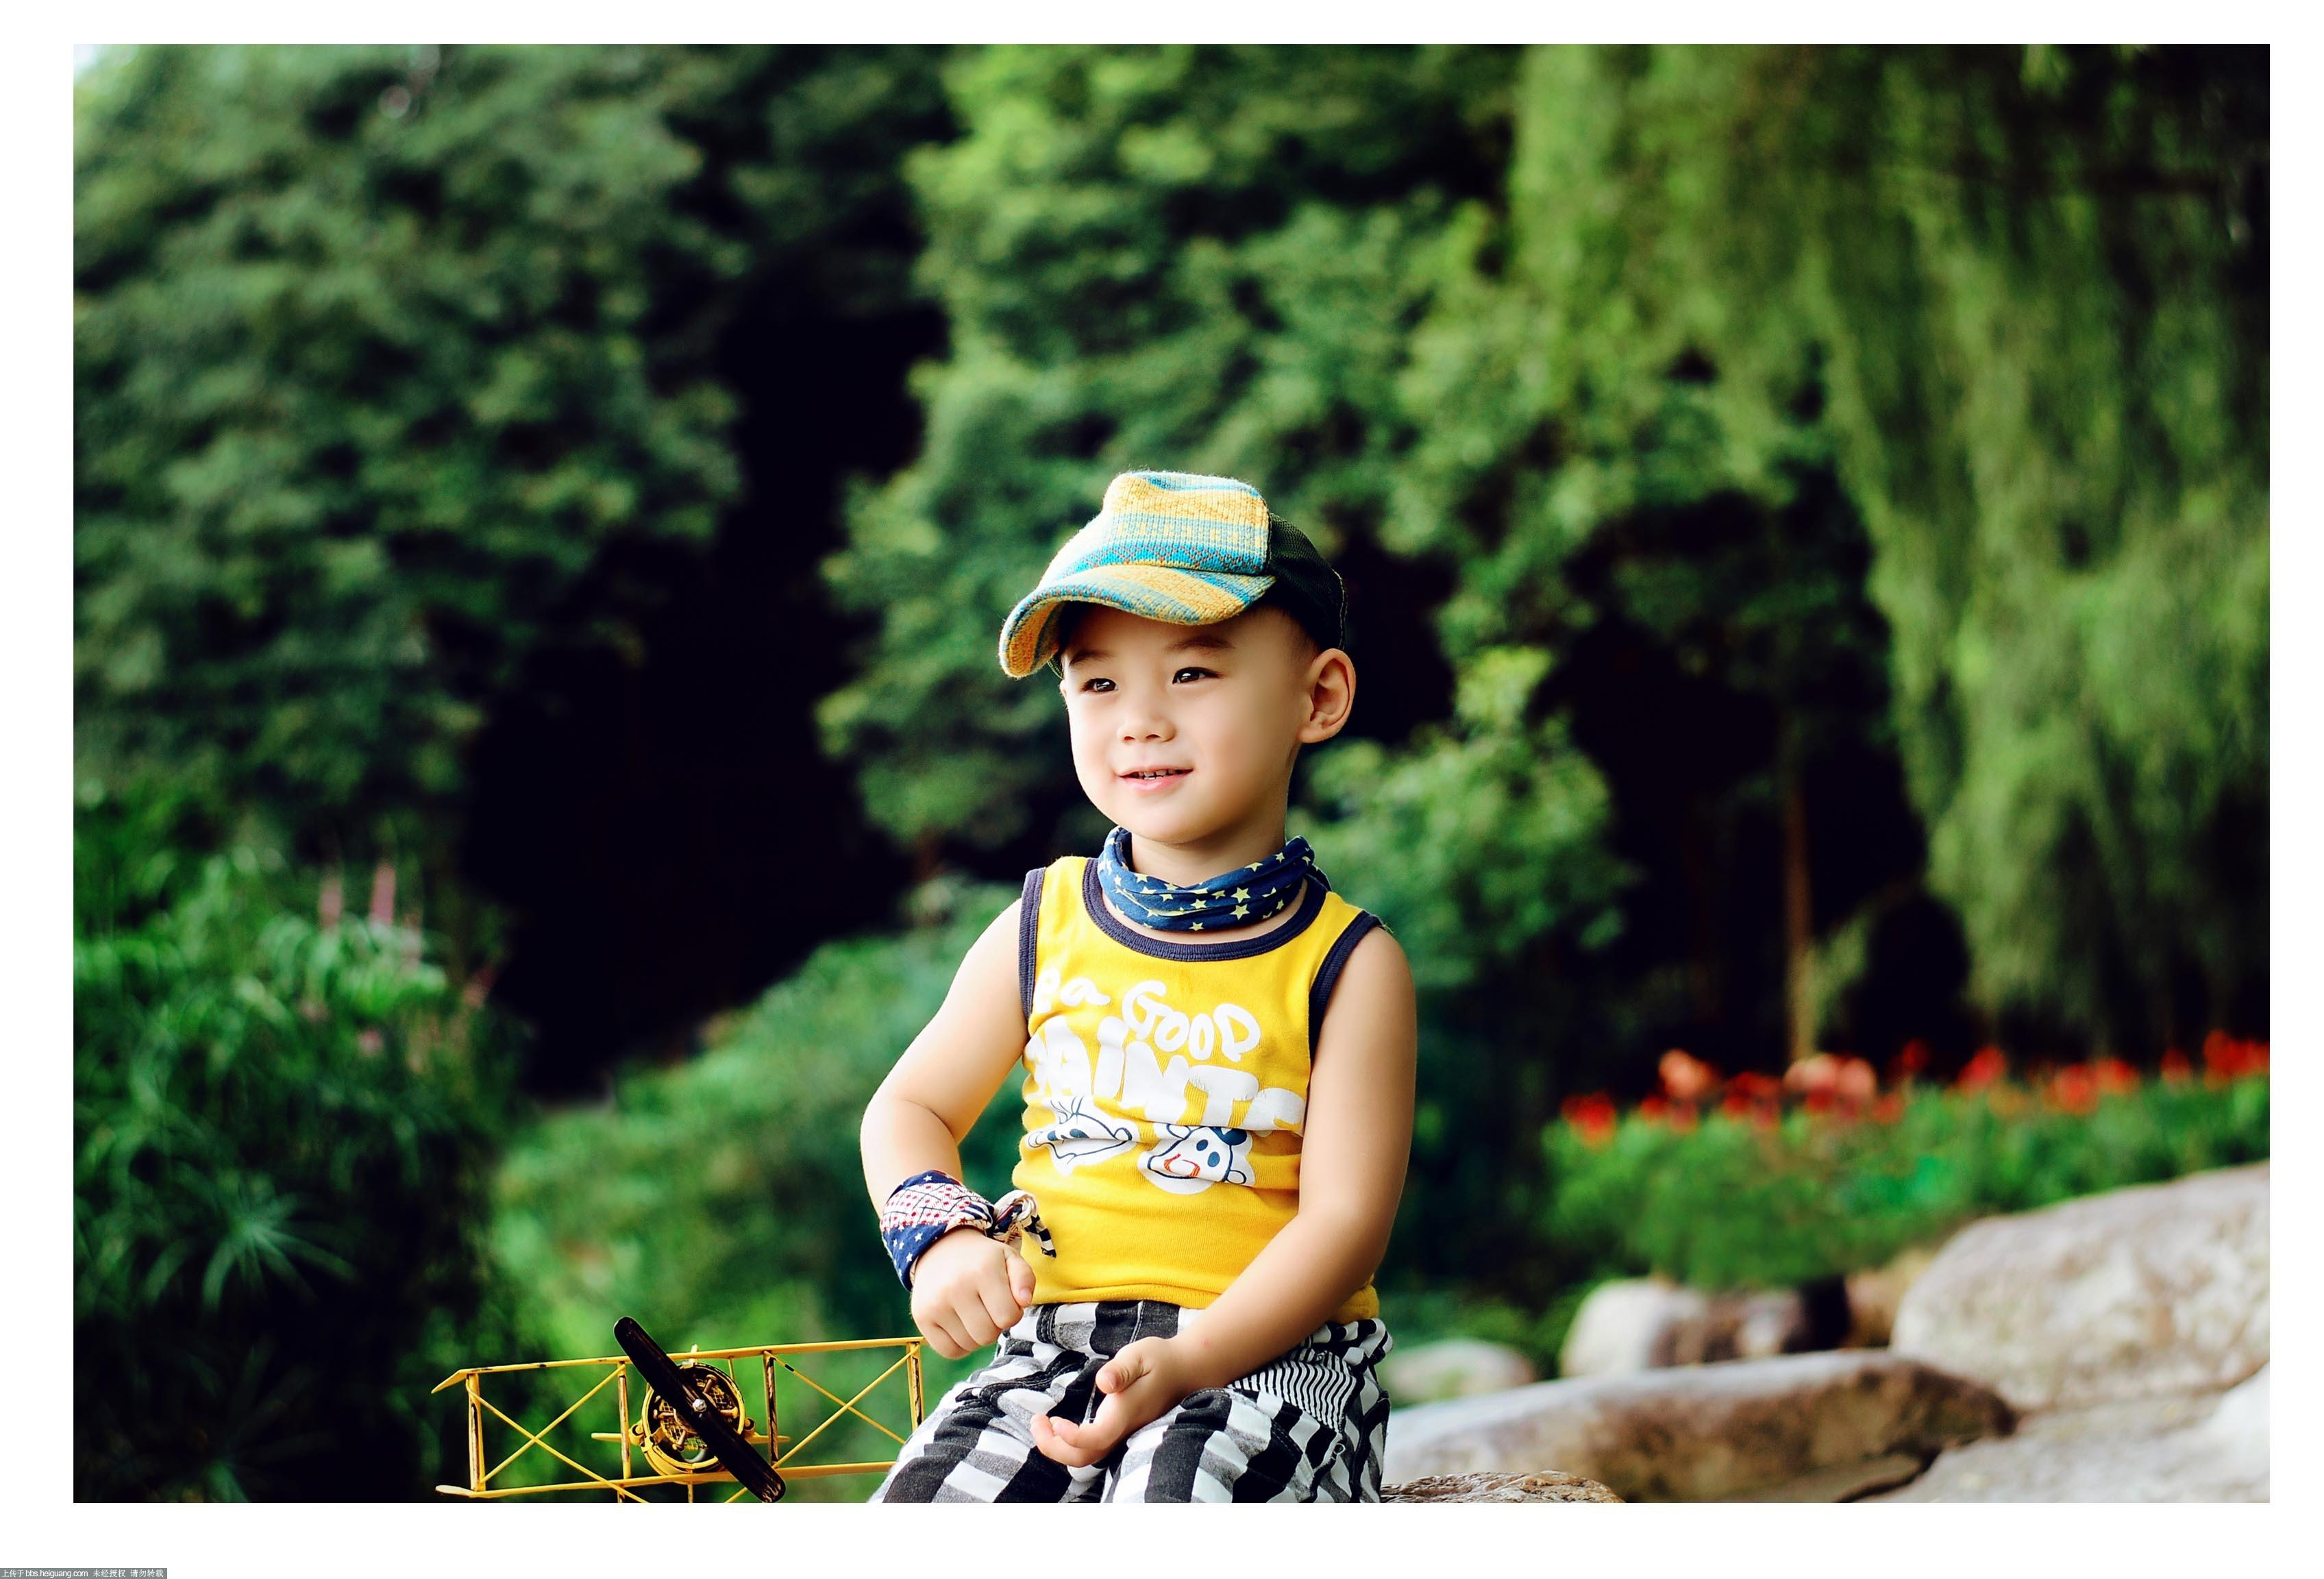 可爱多儿童摄影 - 儿童摄影作品